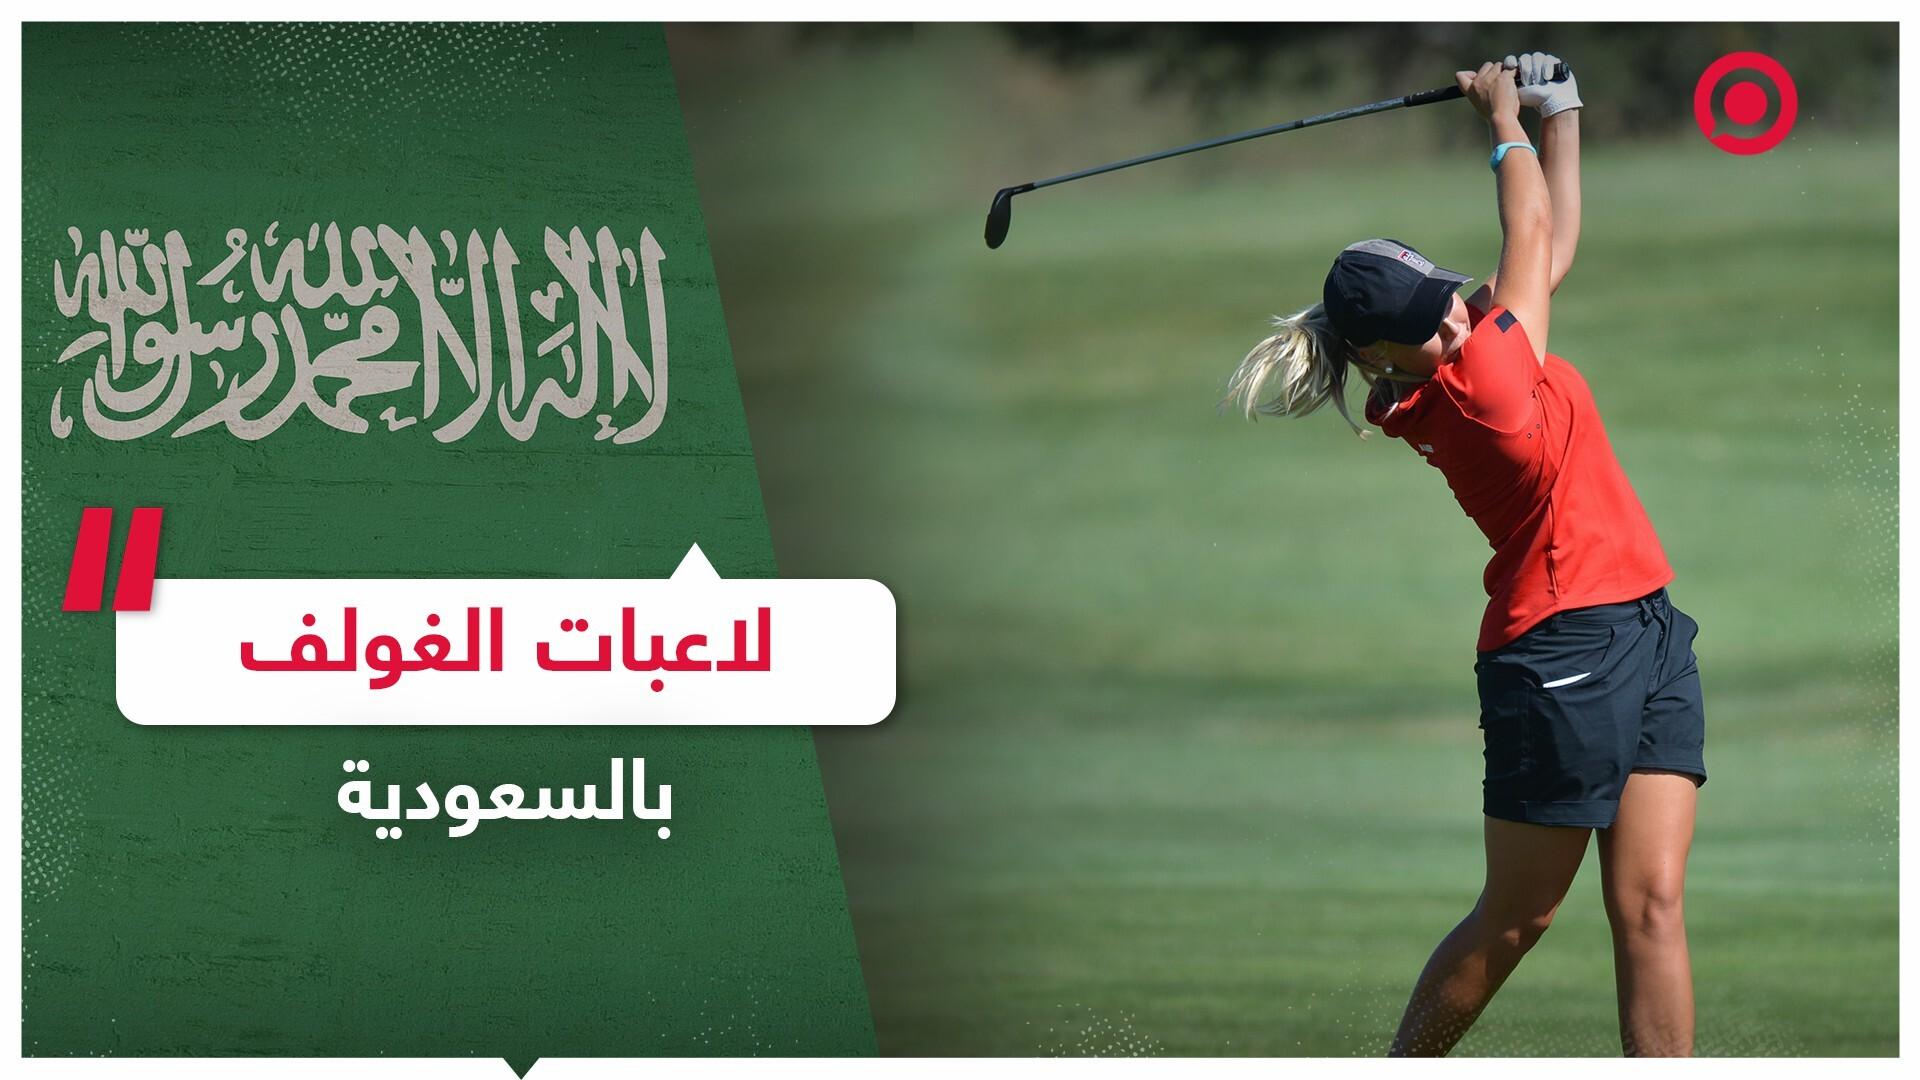 """لاعبات الجولة الأوروبية لغولف السيدات يكسرن قواعد """"اللباس"""" في السعودية"""